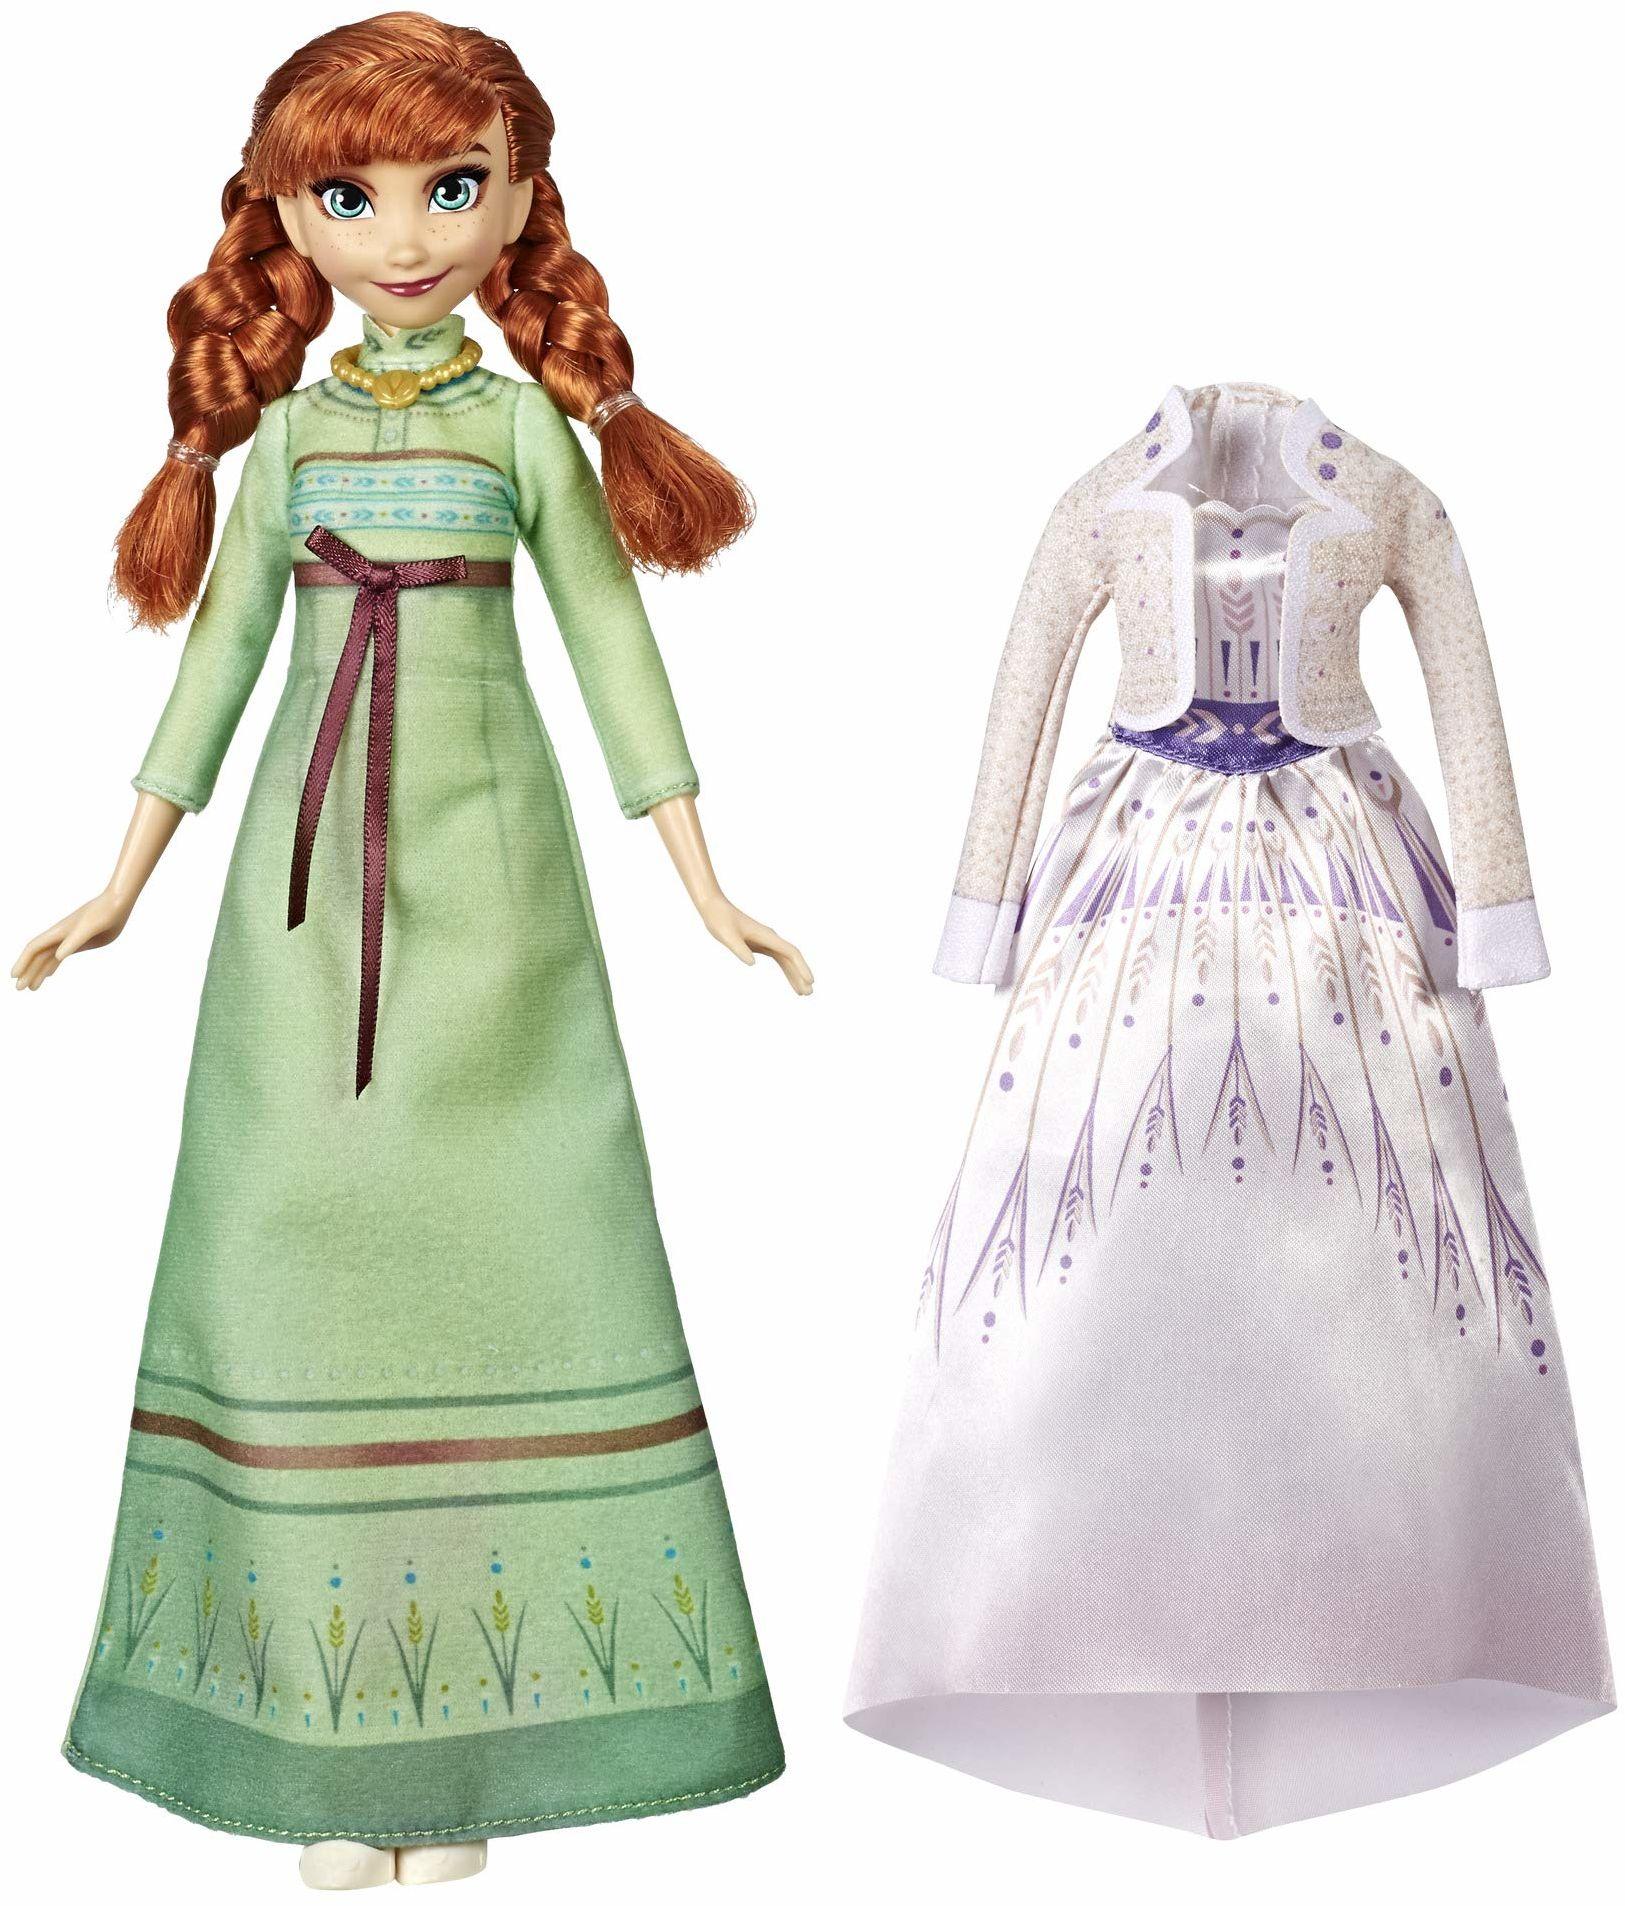 Disney Lodówka modowa ''Lodówka Anna'' z 2 strojami, zielona koszula nocna i biała sukienka inspirowana filmem Disney''s Frozen 2 - zabawka dla dzieci w wieku od 3 lat